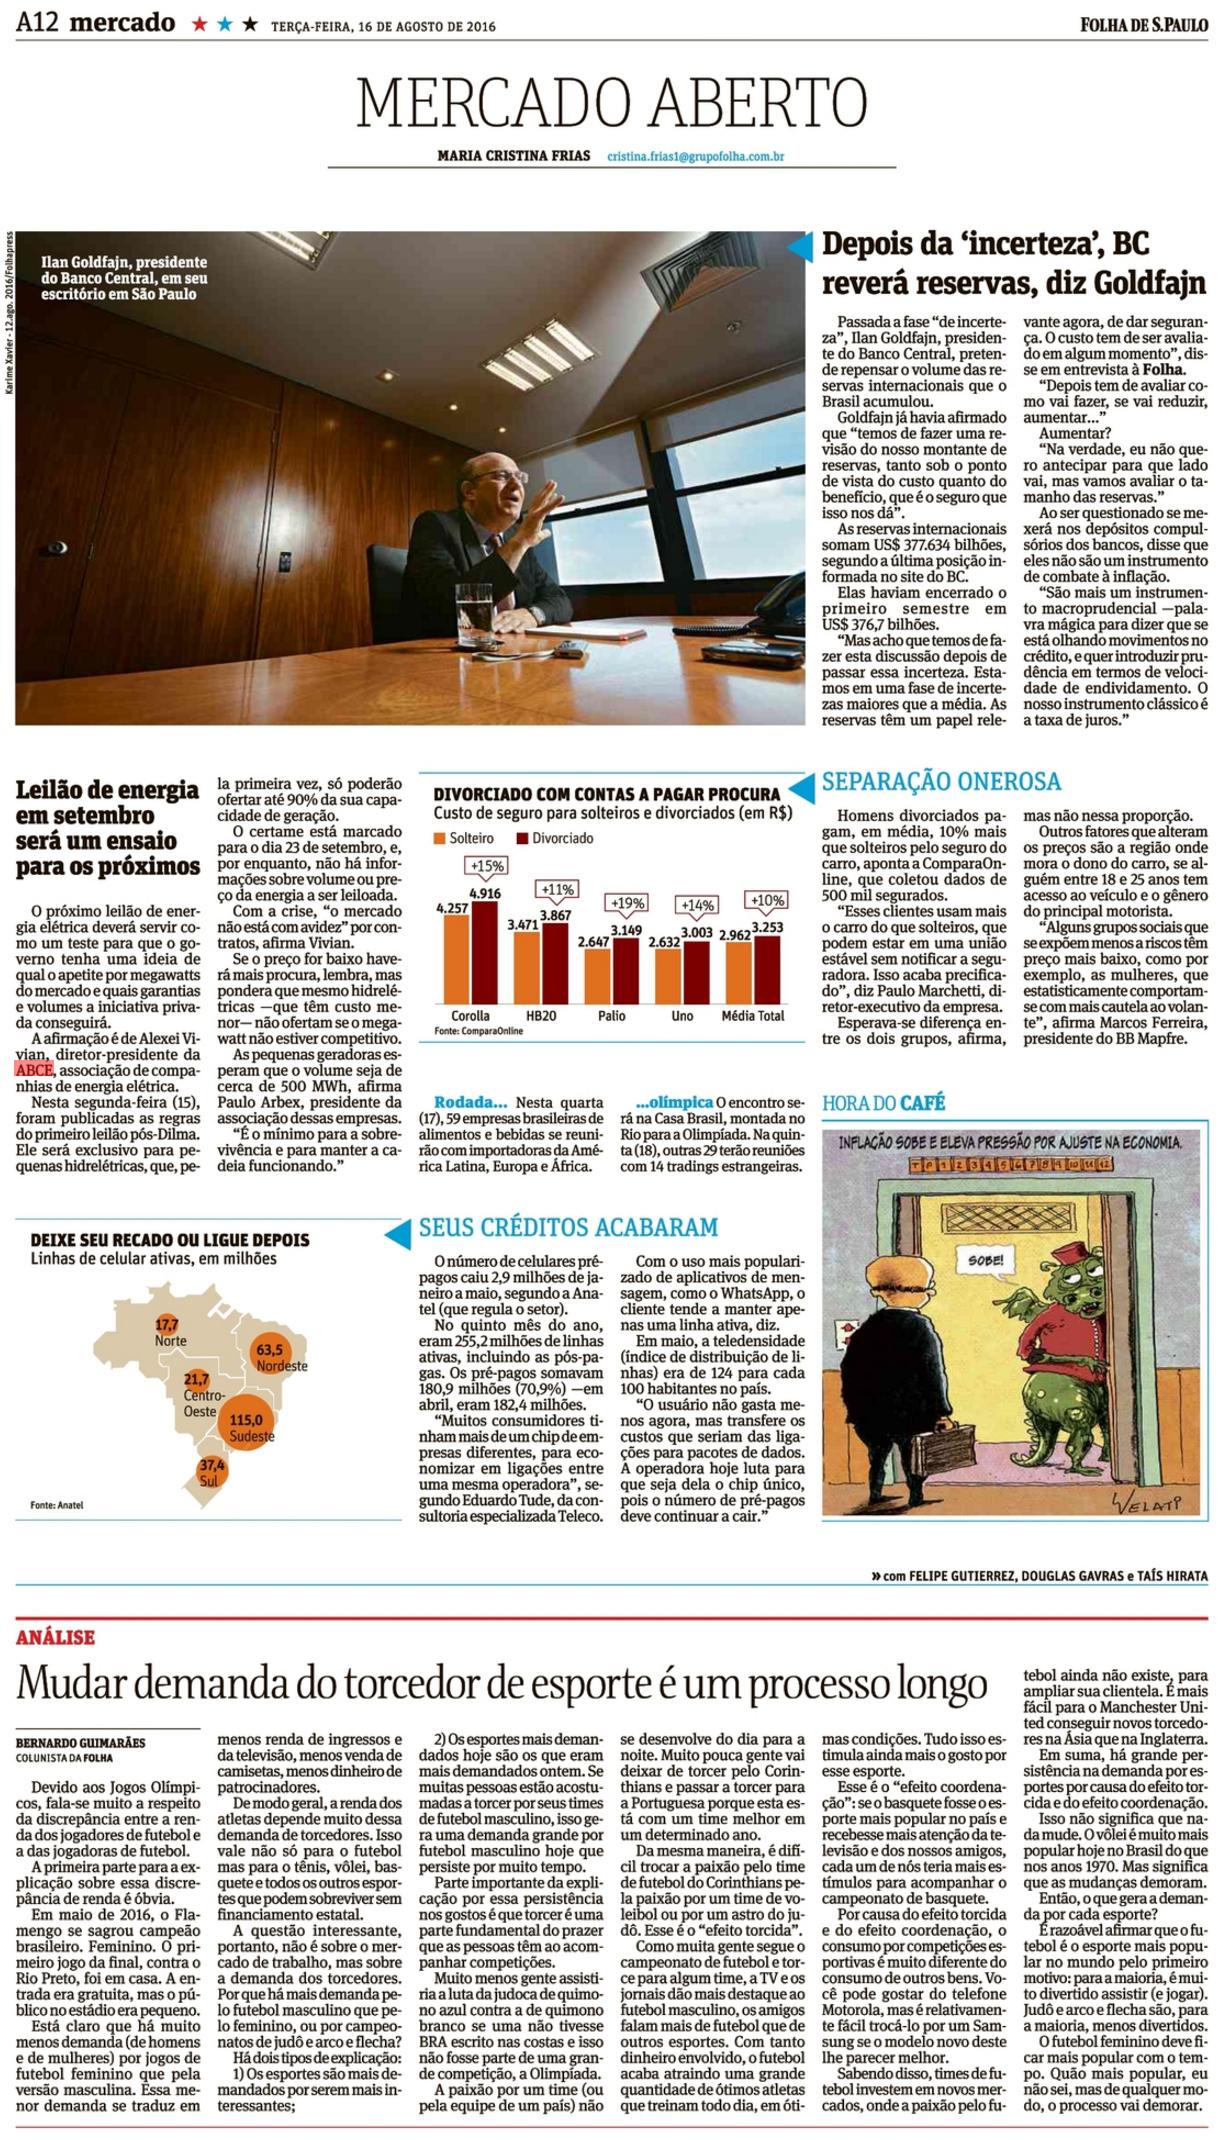 Folha de SP - ABCE